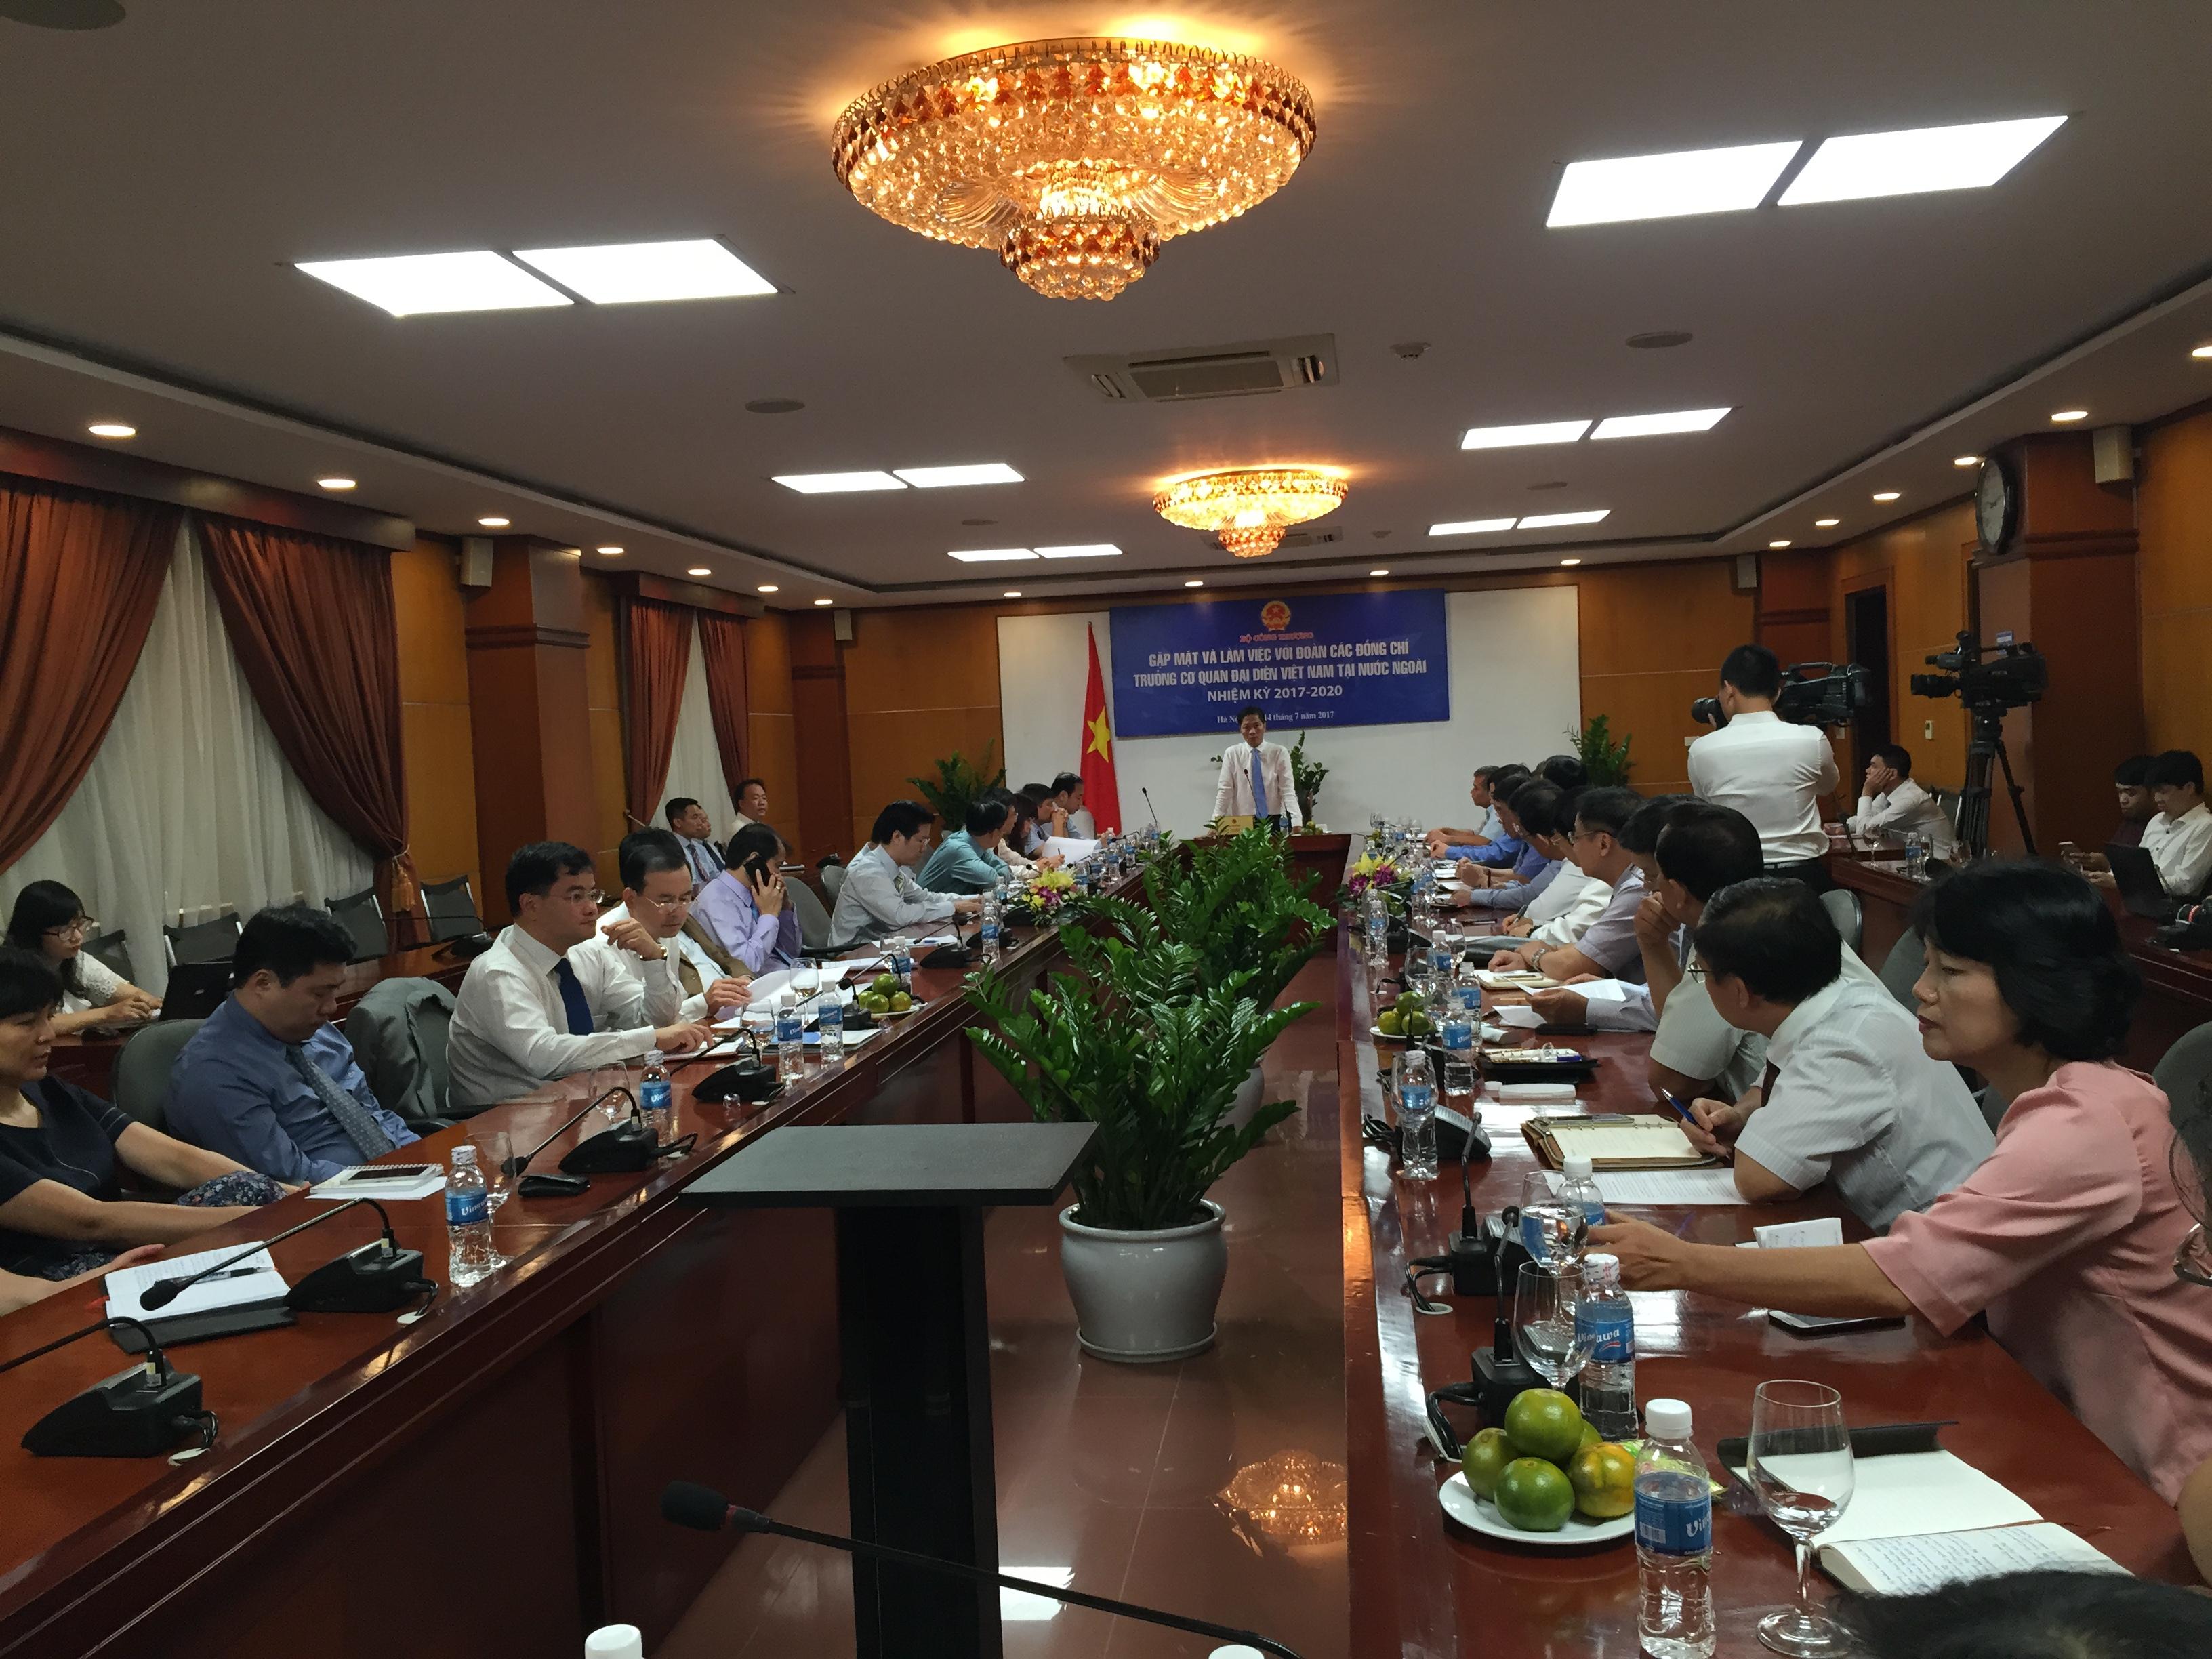 Cần các cơ quan ngoại giao Việt Nam tích cực hỗ trợ thúc đẩy thương mại